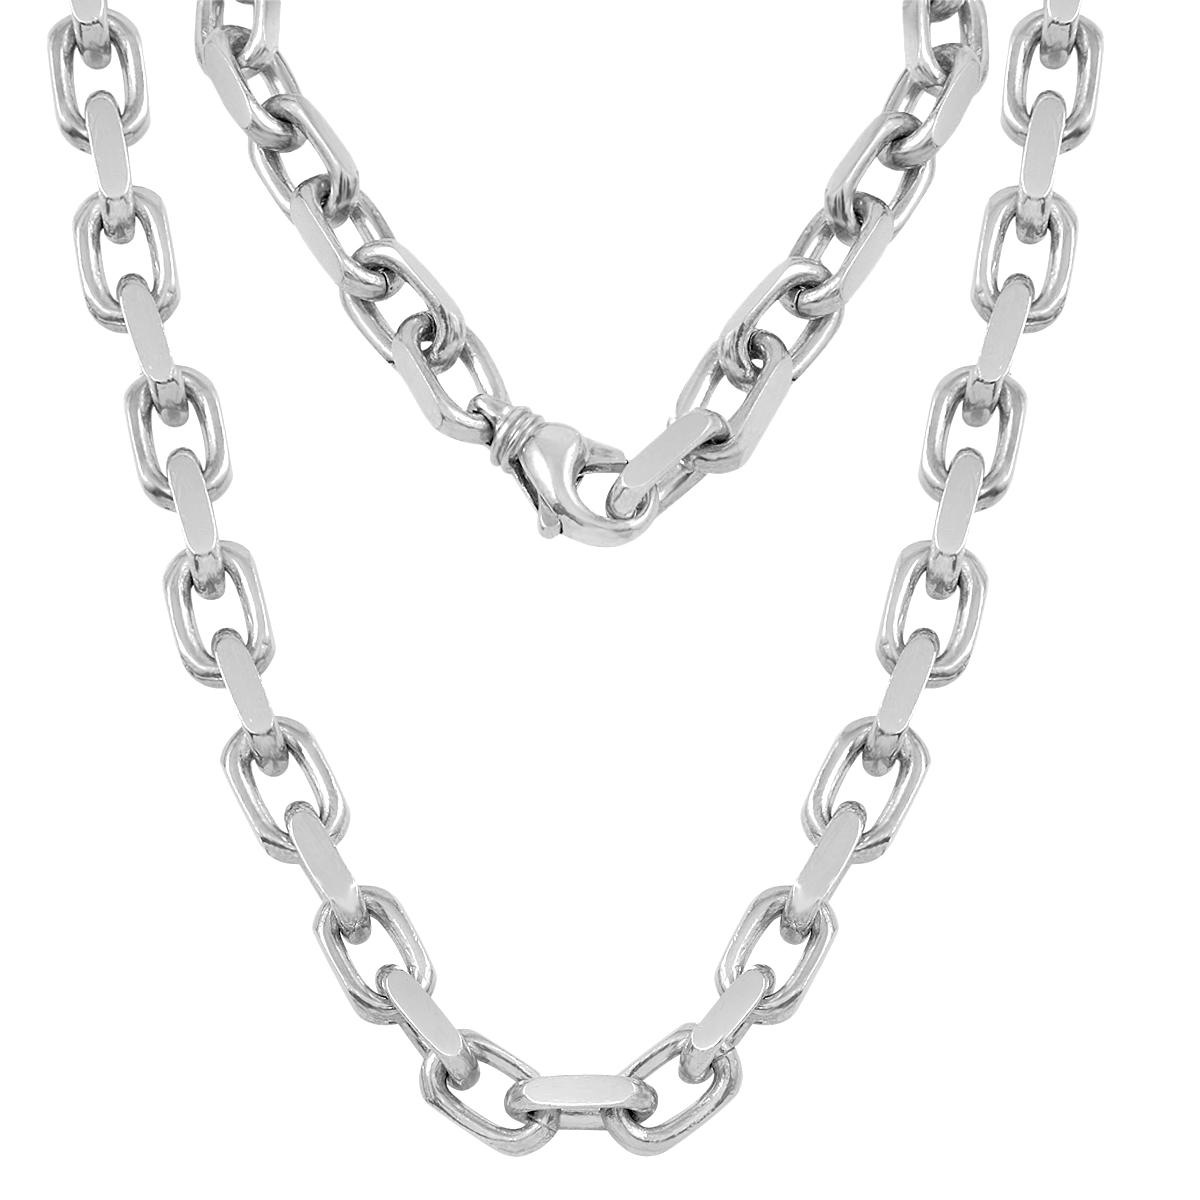 1200x1200 Gold Chain B306 Garo Jewelry